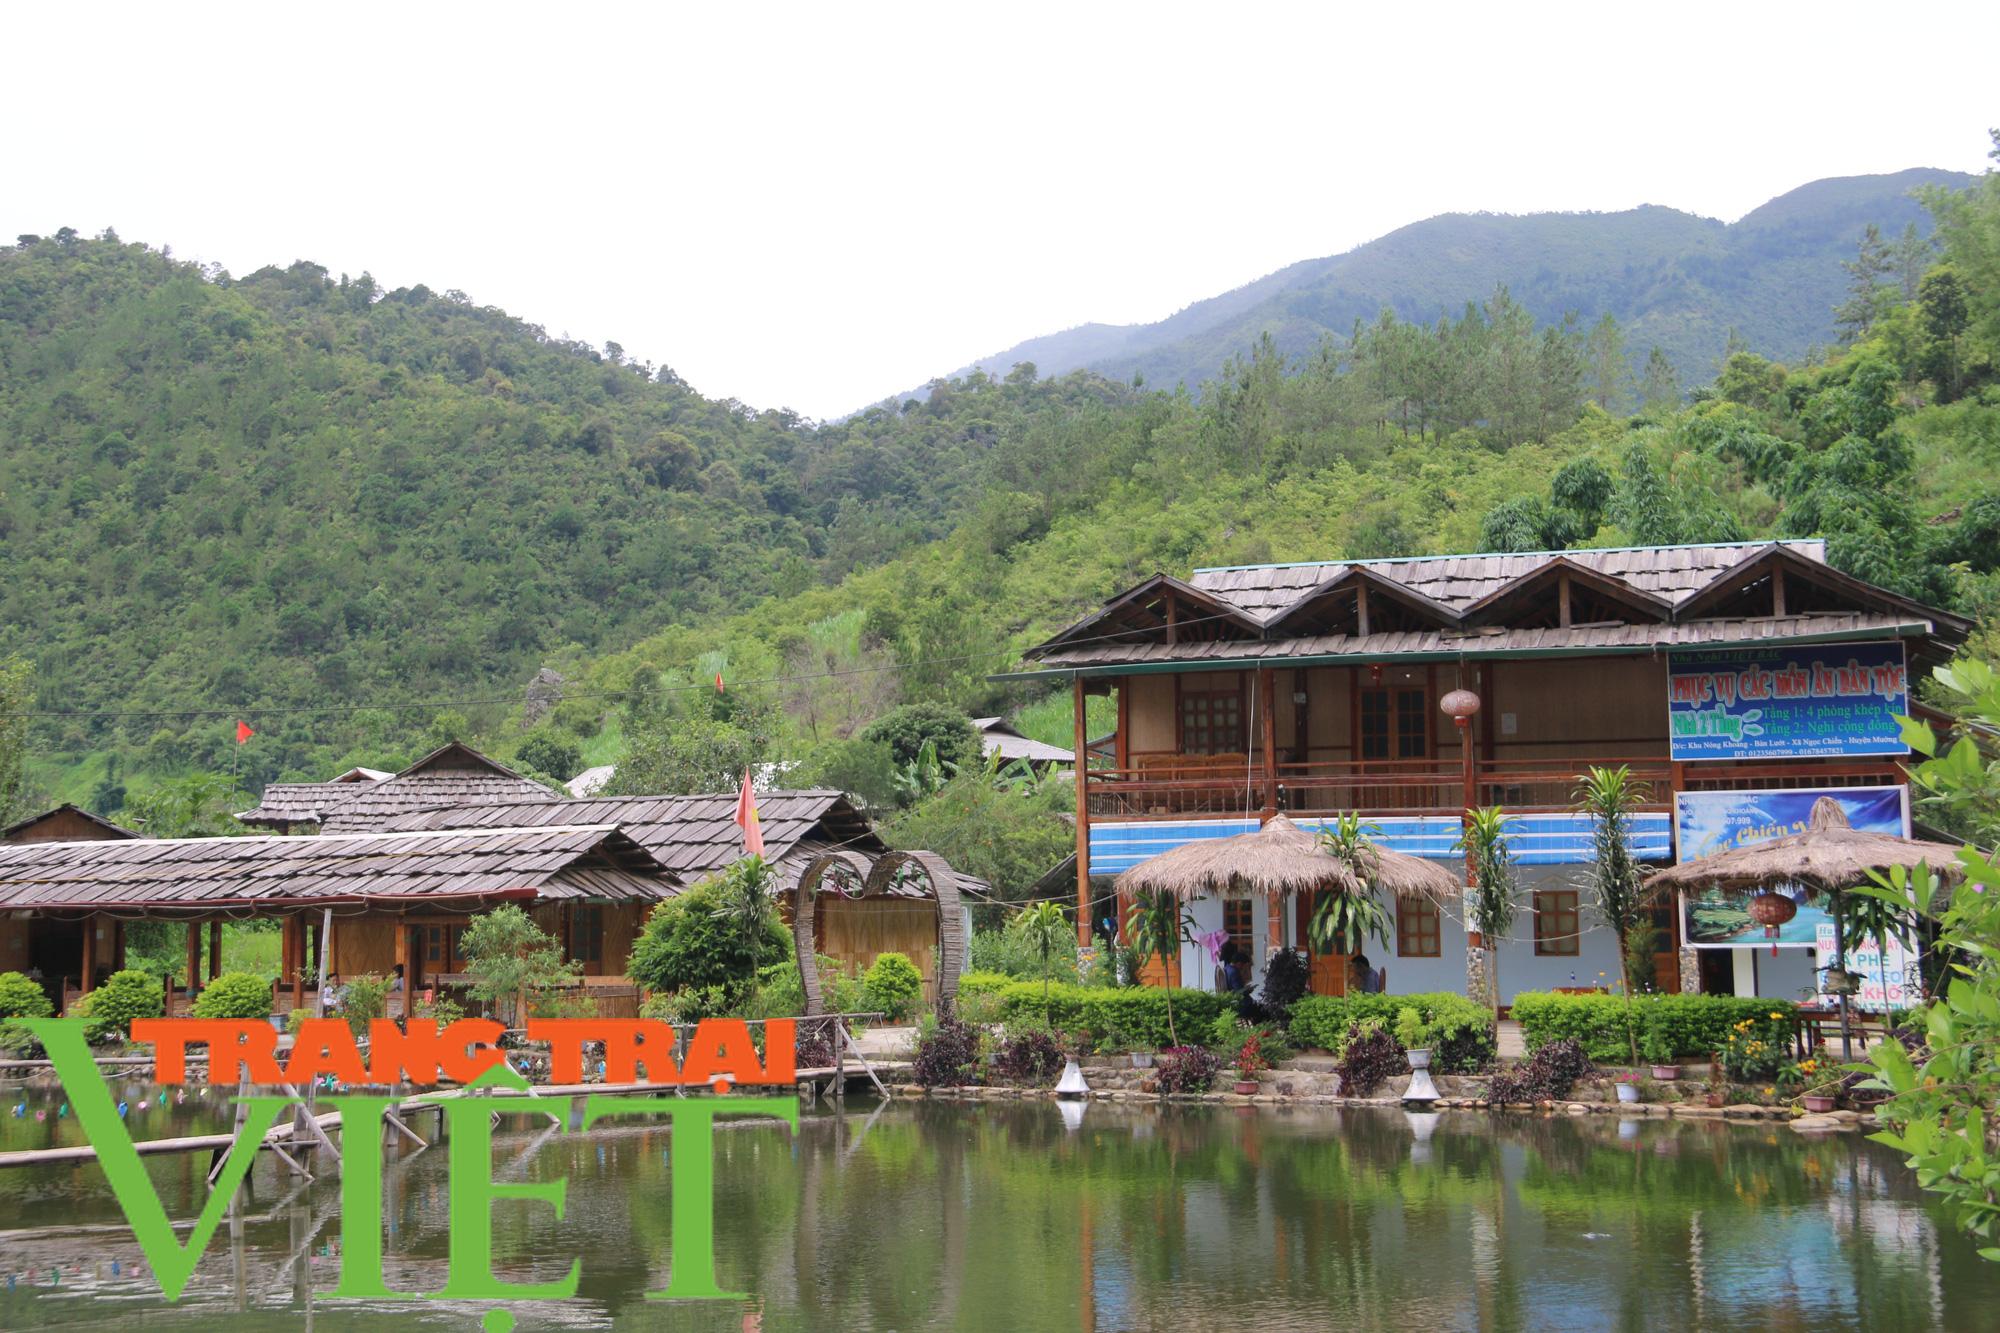 Trải nghiệm du lịch cộng đồng homestay Ngọc Chiến - Ảnh 9.